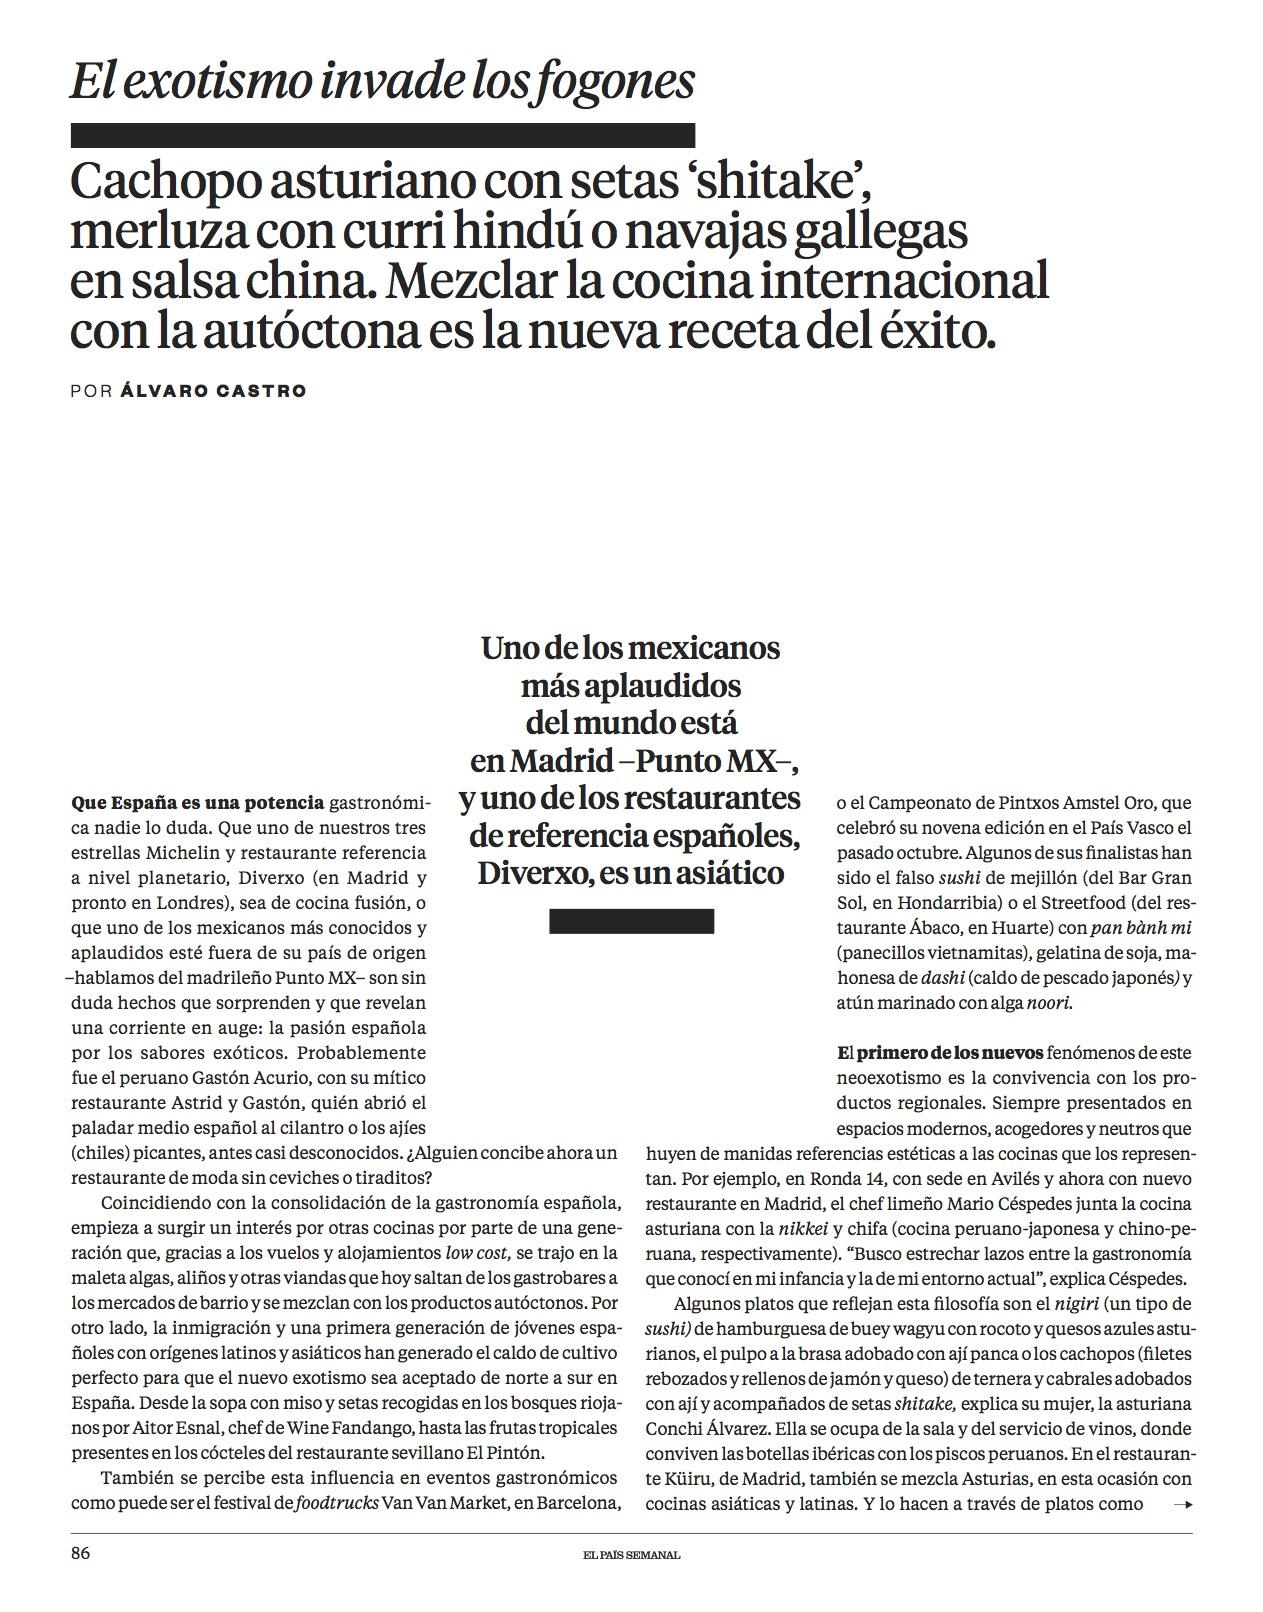 El nuevo exotismo/ El País Semanal